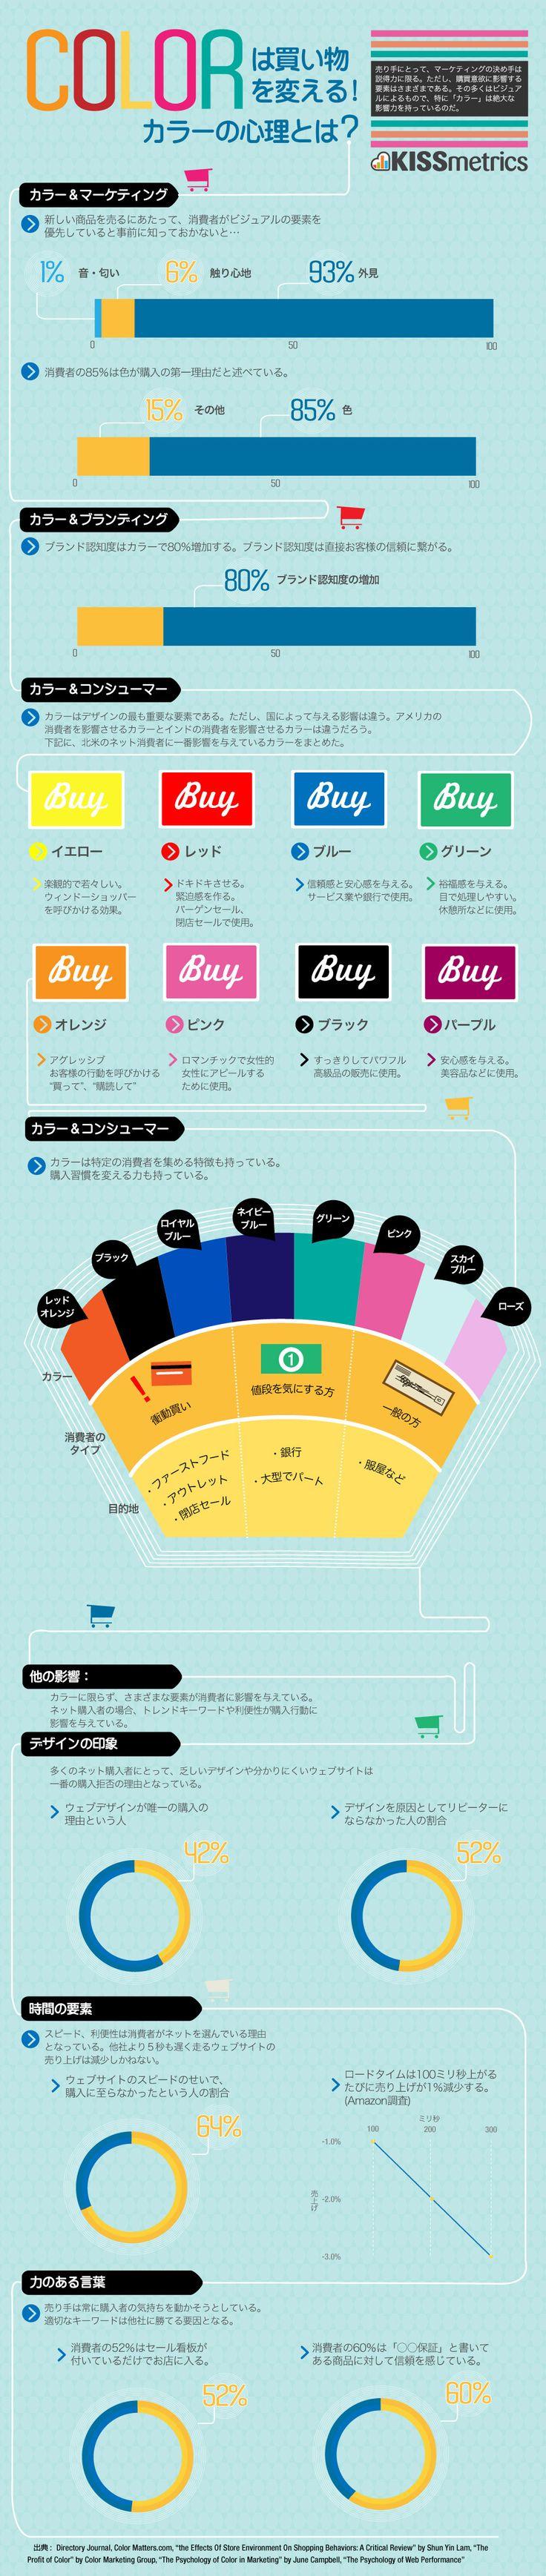 「カラーとマーケティングの関係性」カラーの心理学